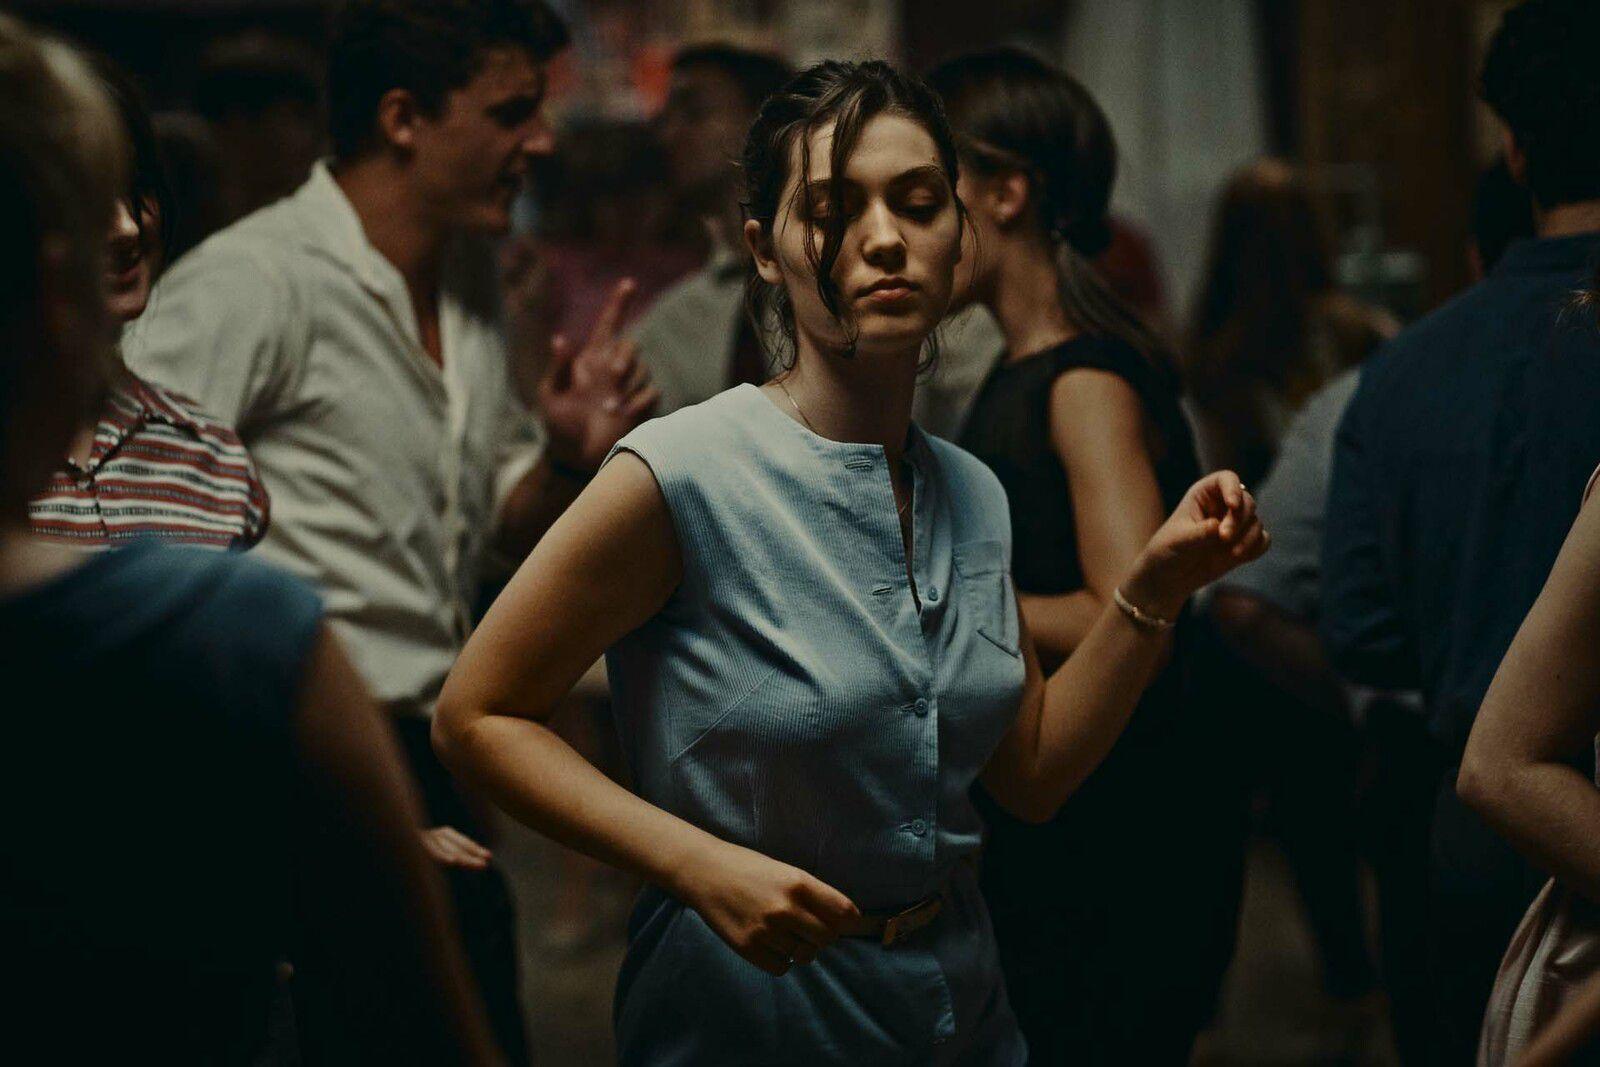 L'ÉVÉNEMENT (BANDE-ANNONCE) avec Anamaria Vartolomei, Kacey Mottet Klein, Pio Marmaï, Sandrine Bonnaire - Le 24 novembre 2021 au cinéma